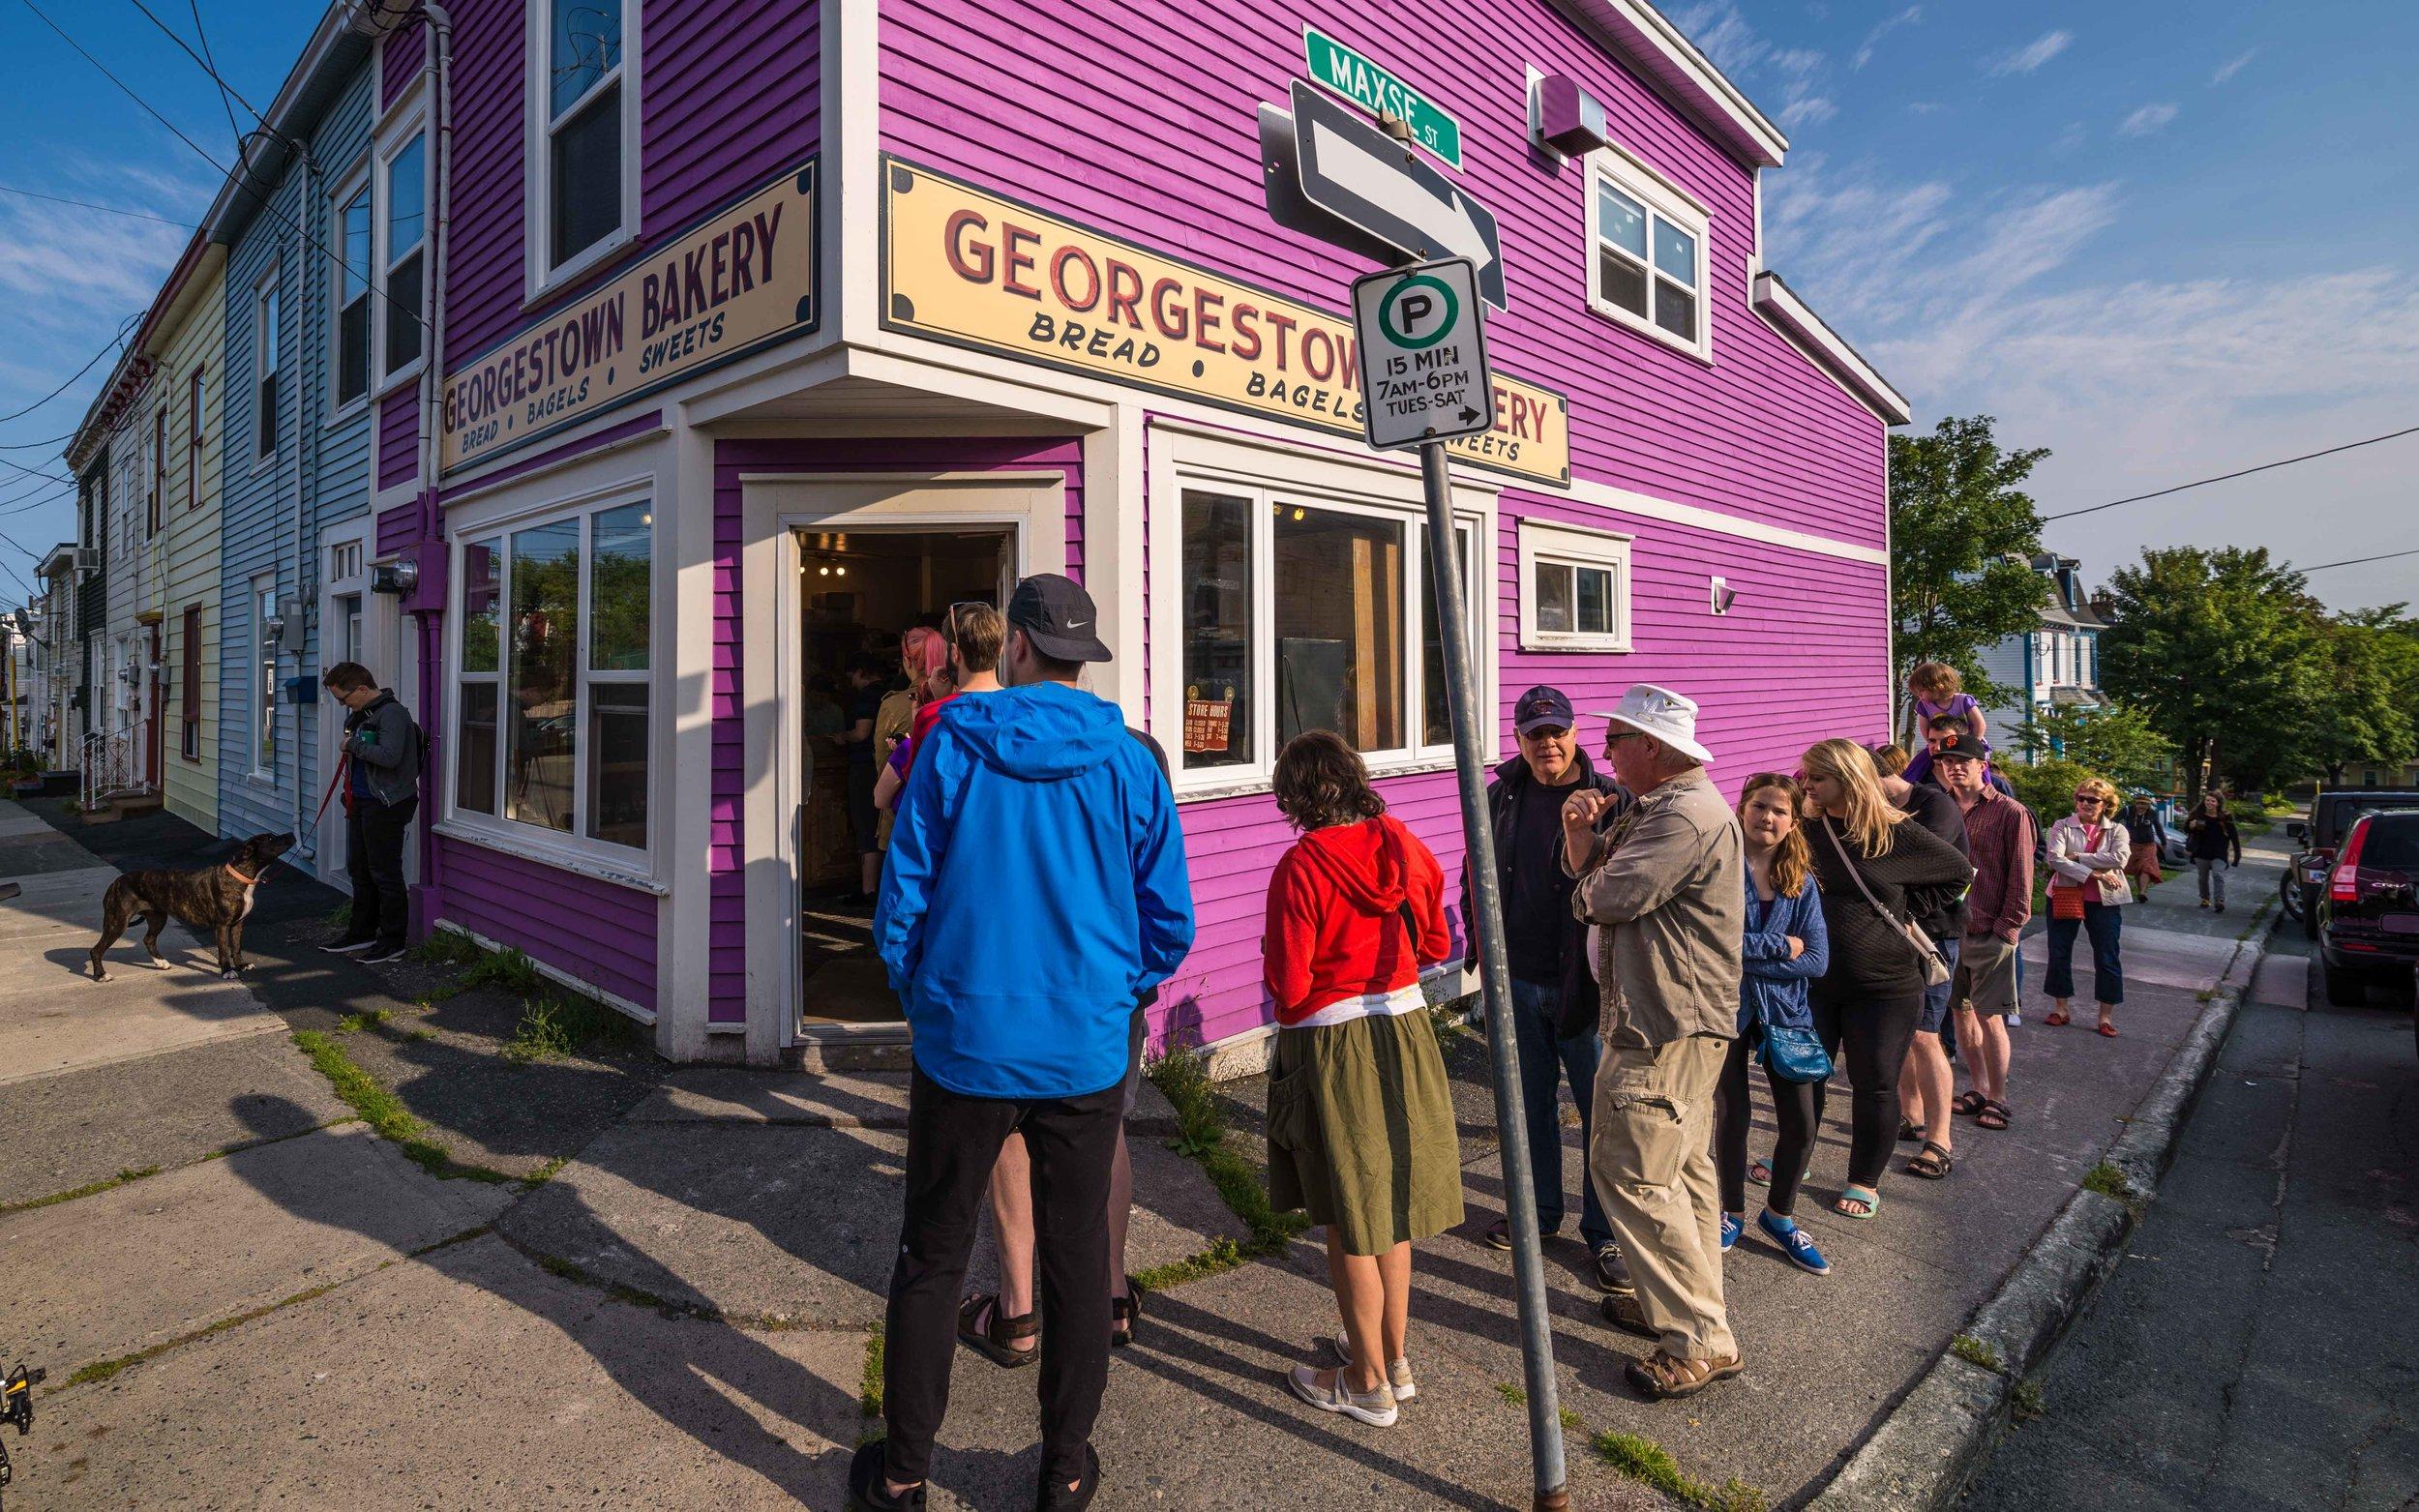 Sept 17 Gtown Bakery.jpg